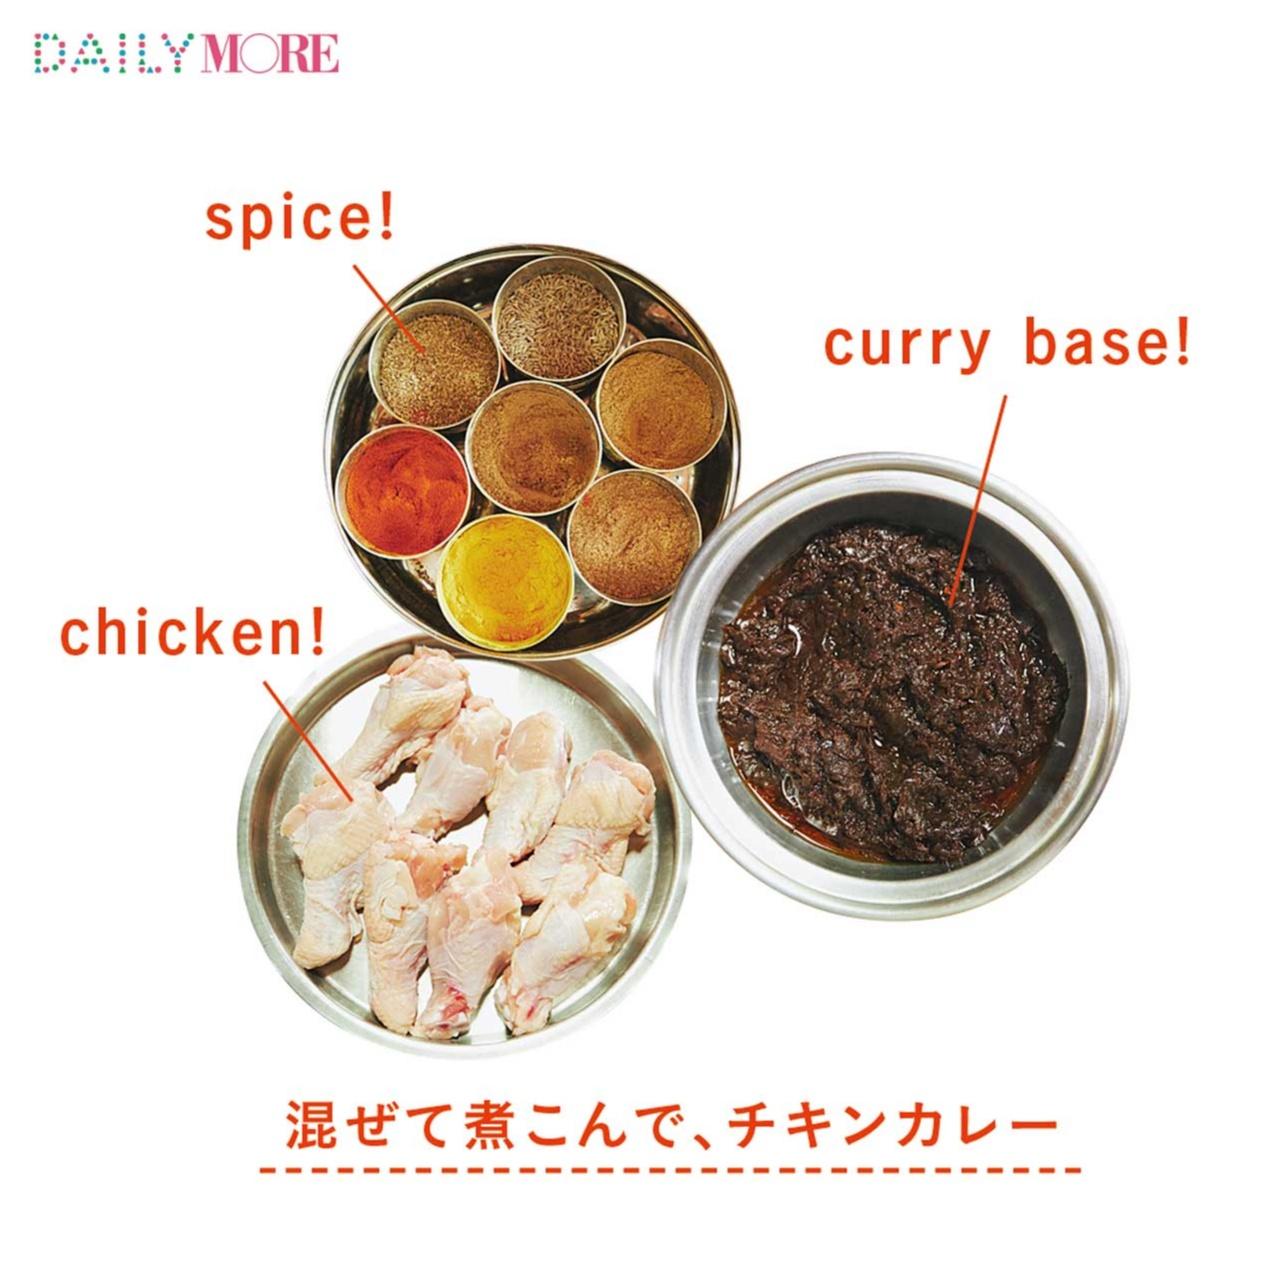 篠田麻里子が体験♡ 話題の「本格インド家庭料理」に行こう!【麻里子のナライゴトハジメ】_2_2